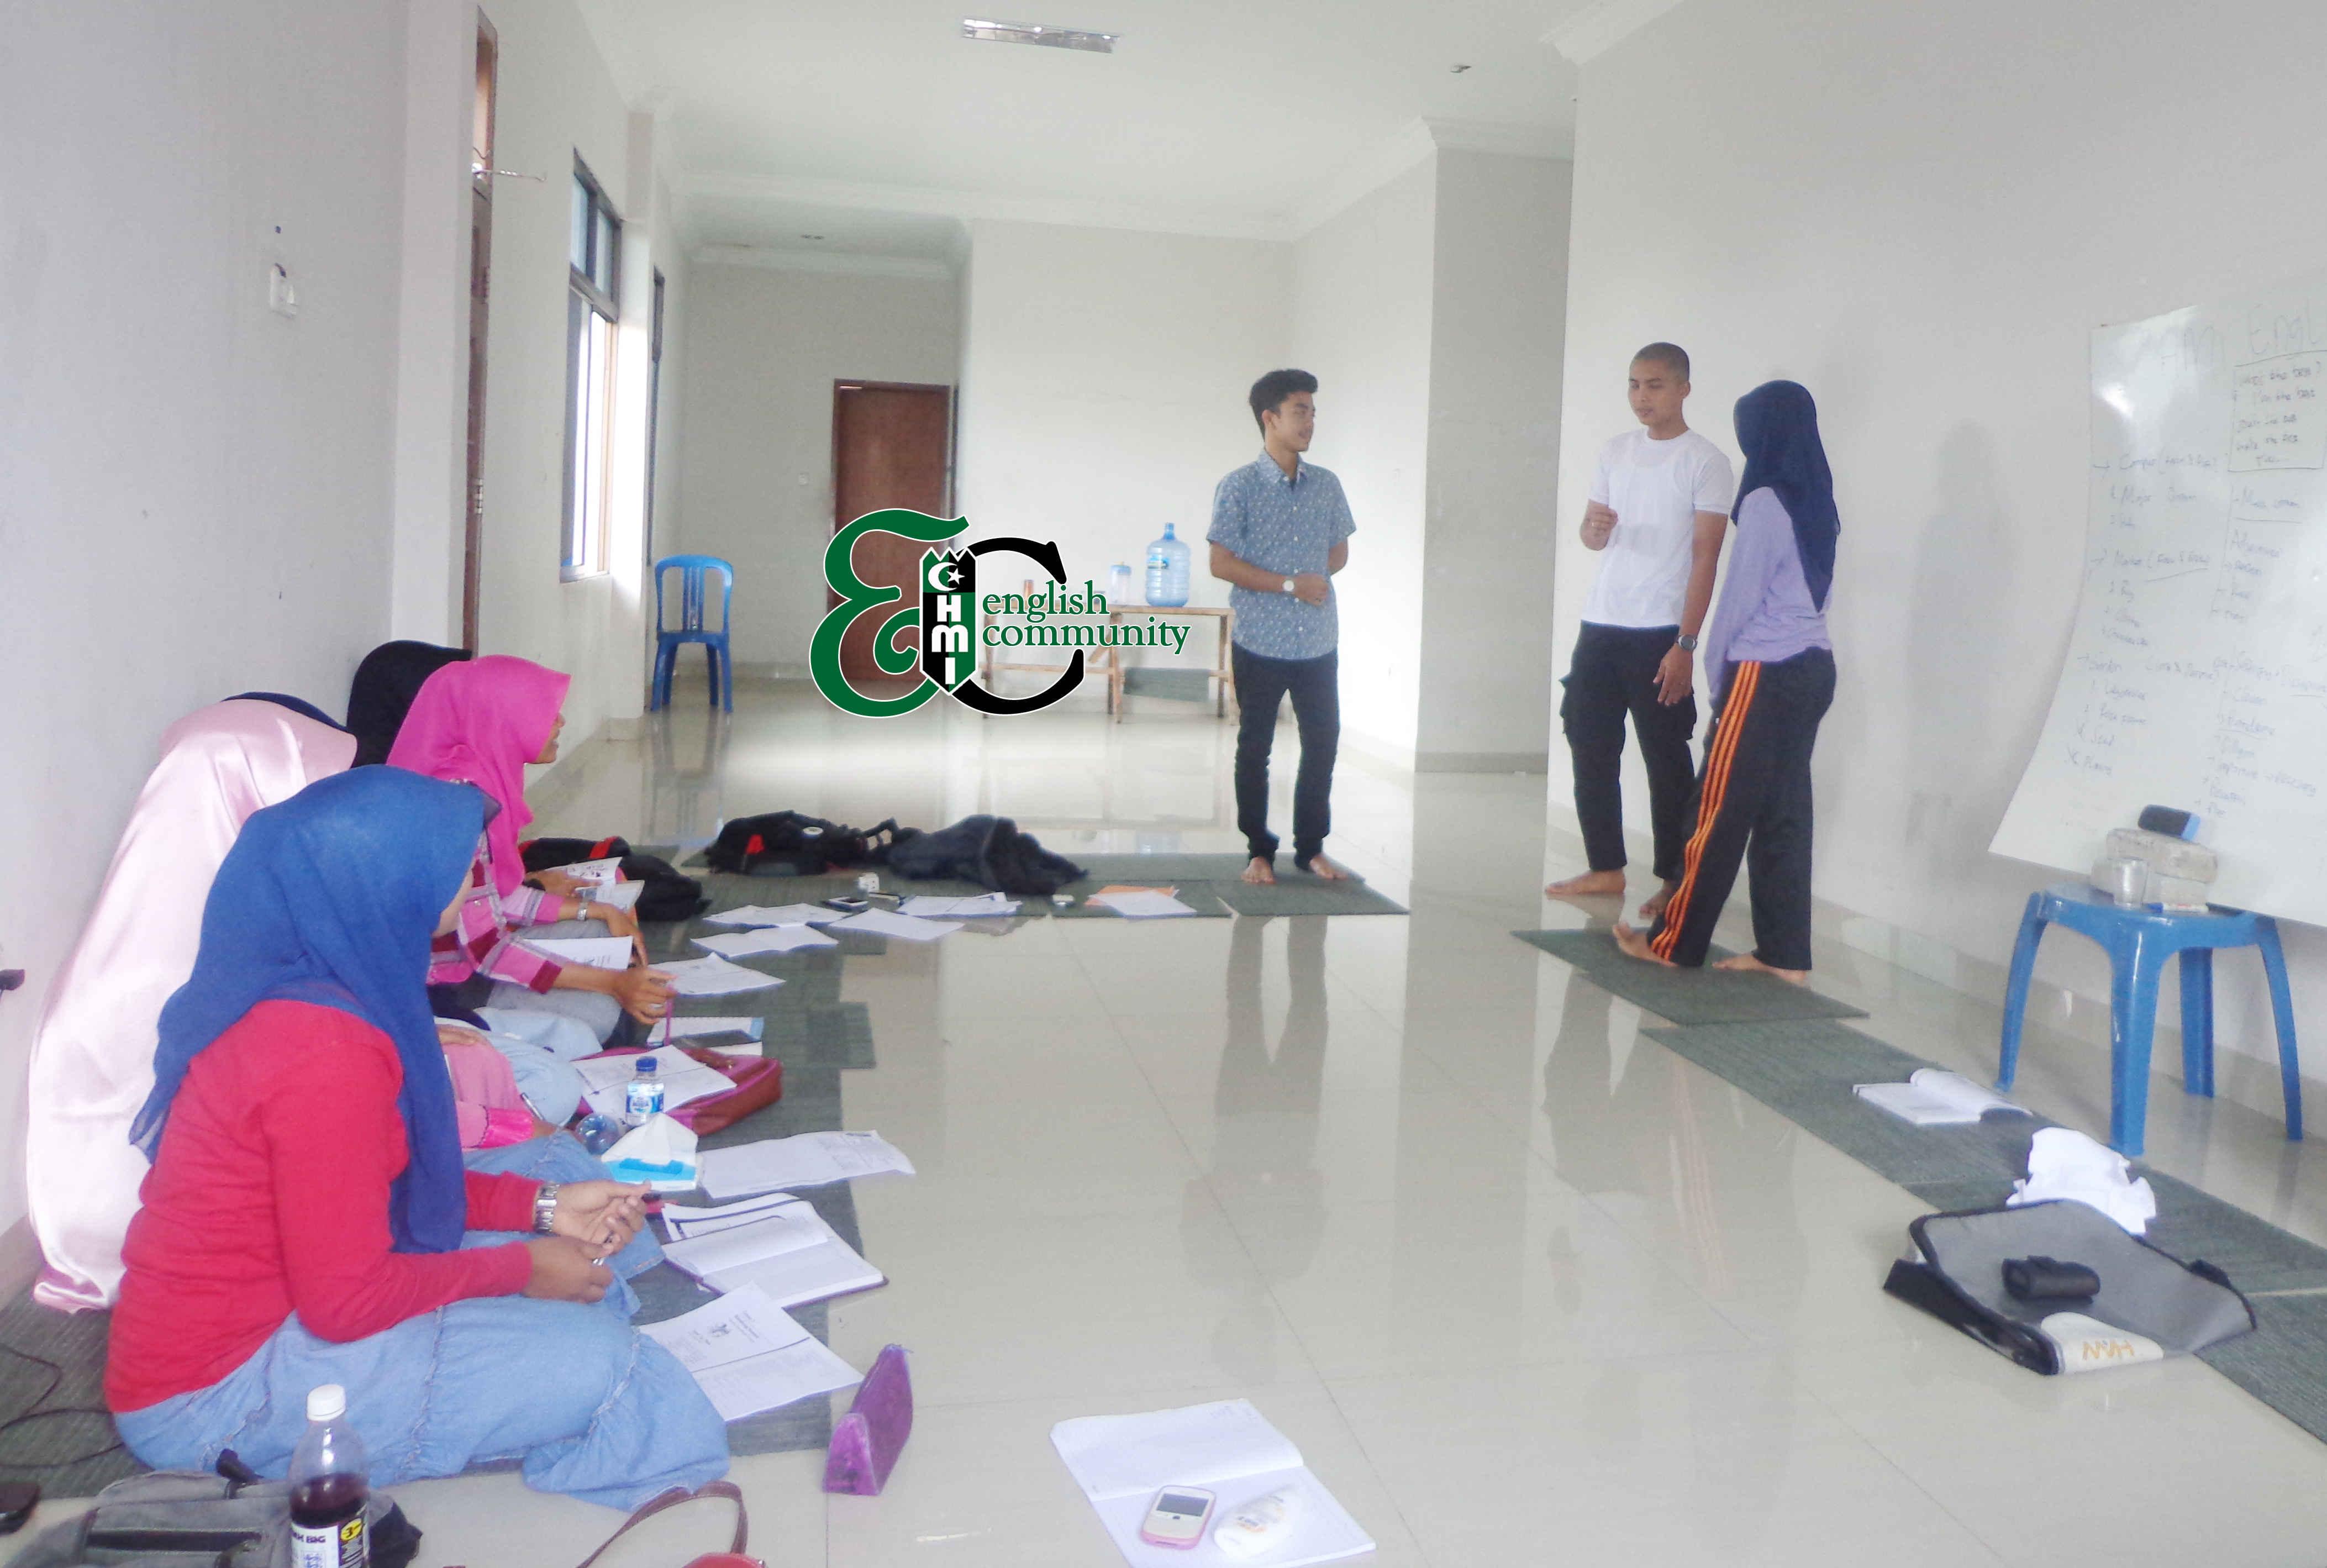 Peserta sedang praktik percakapan bahasa Inggris